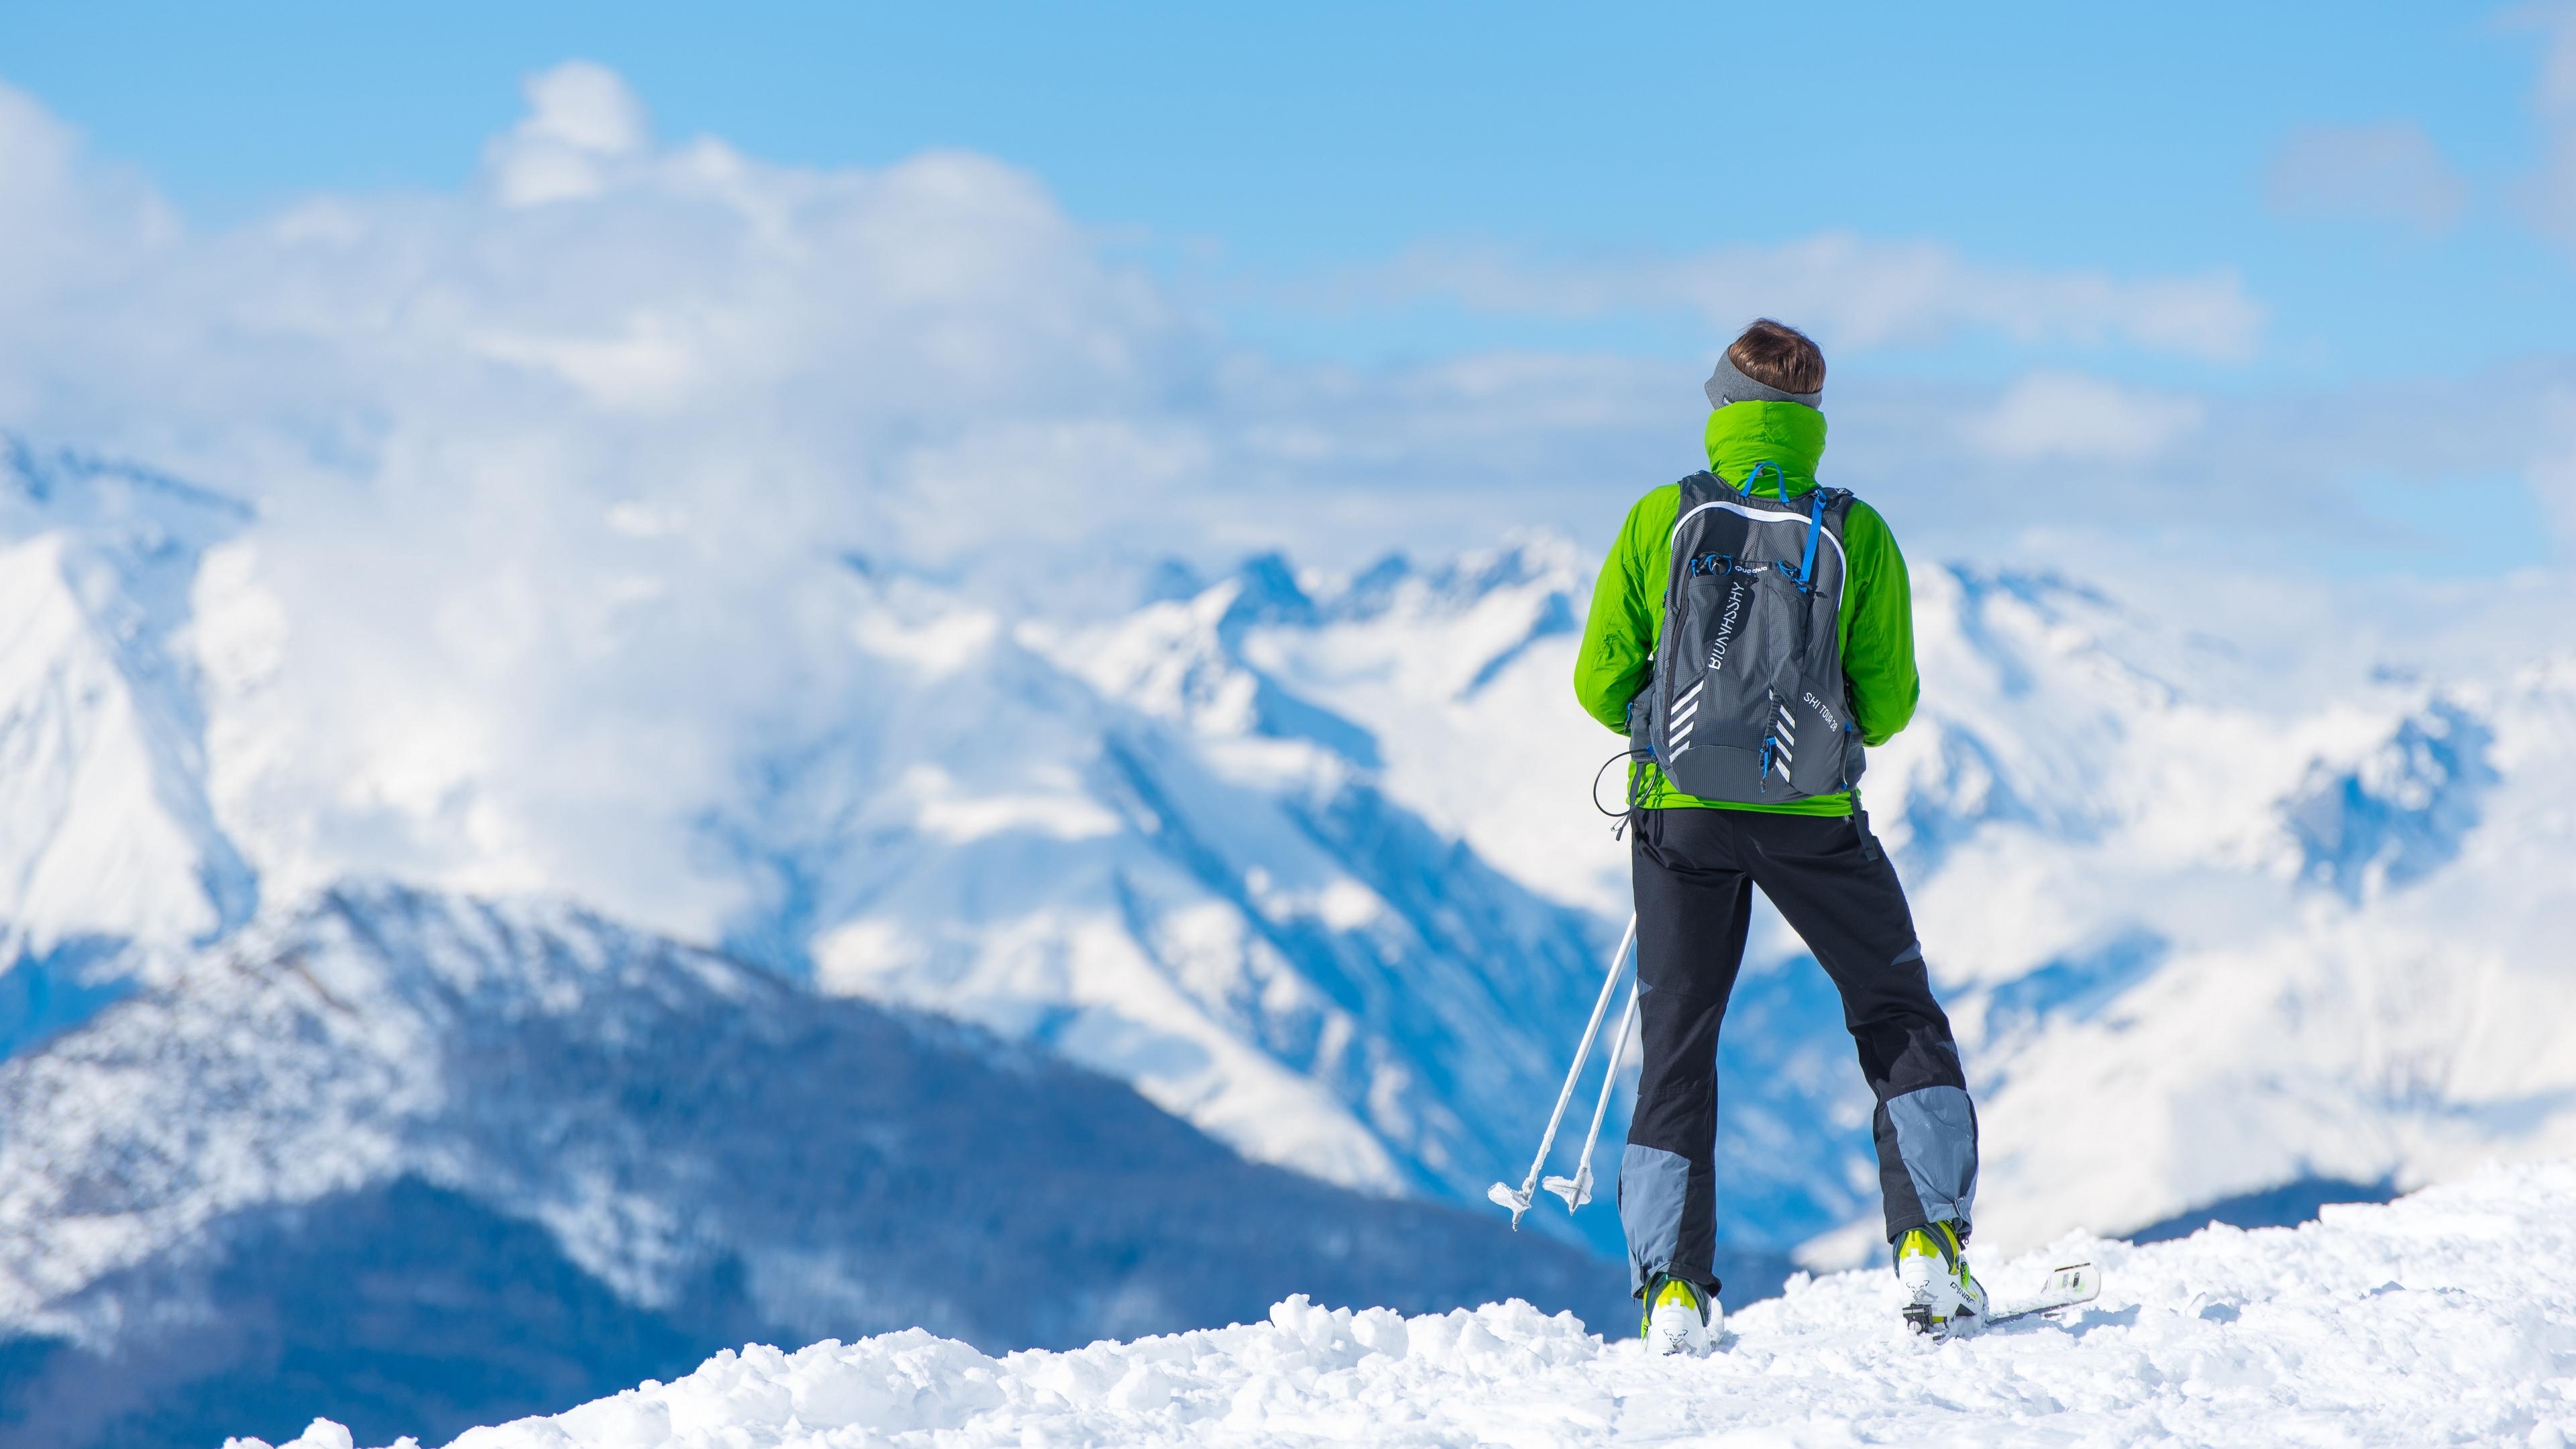 sportsman skiing mountain top tourist 4k 1540061897 - sportsman, skiing, mountain, top, tourist 4k - sportsman, Skiing, Mountain